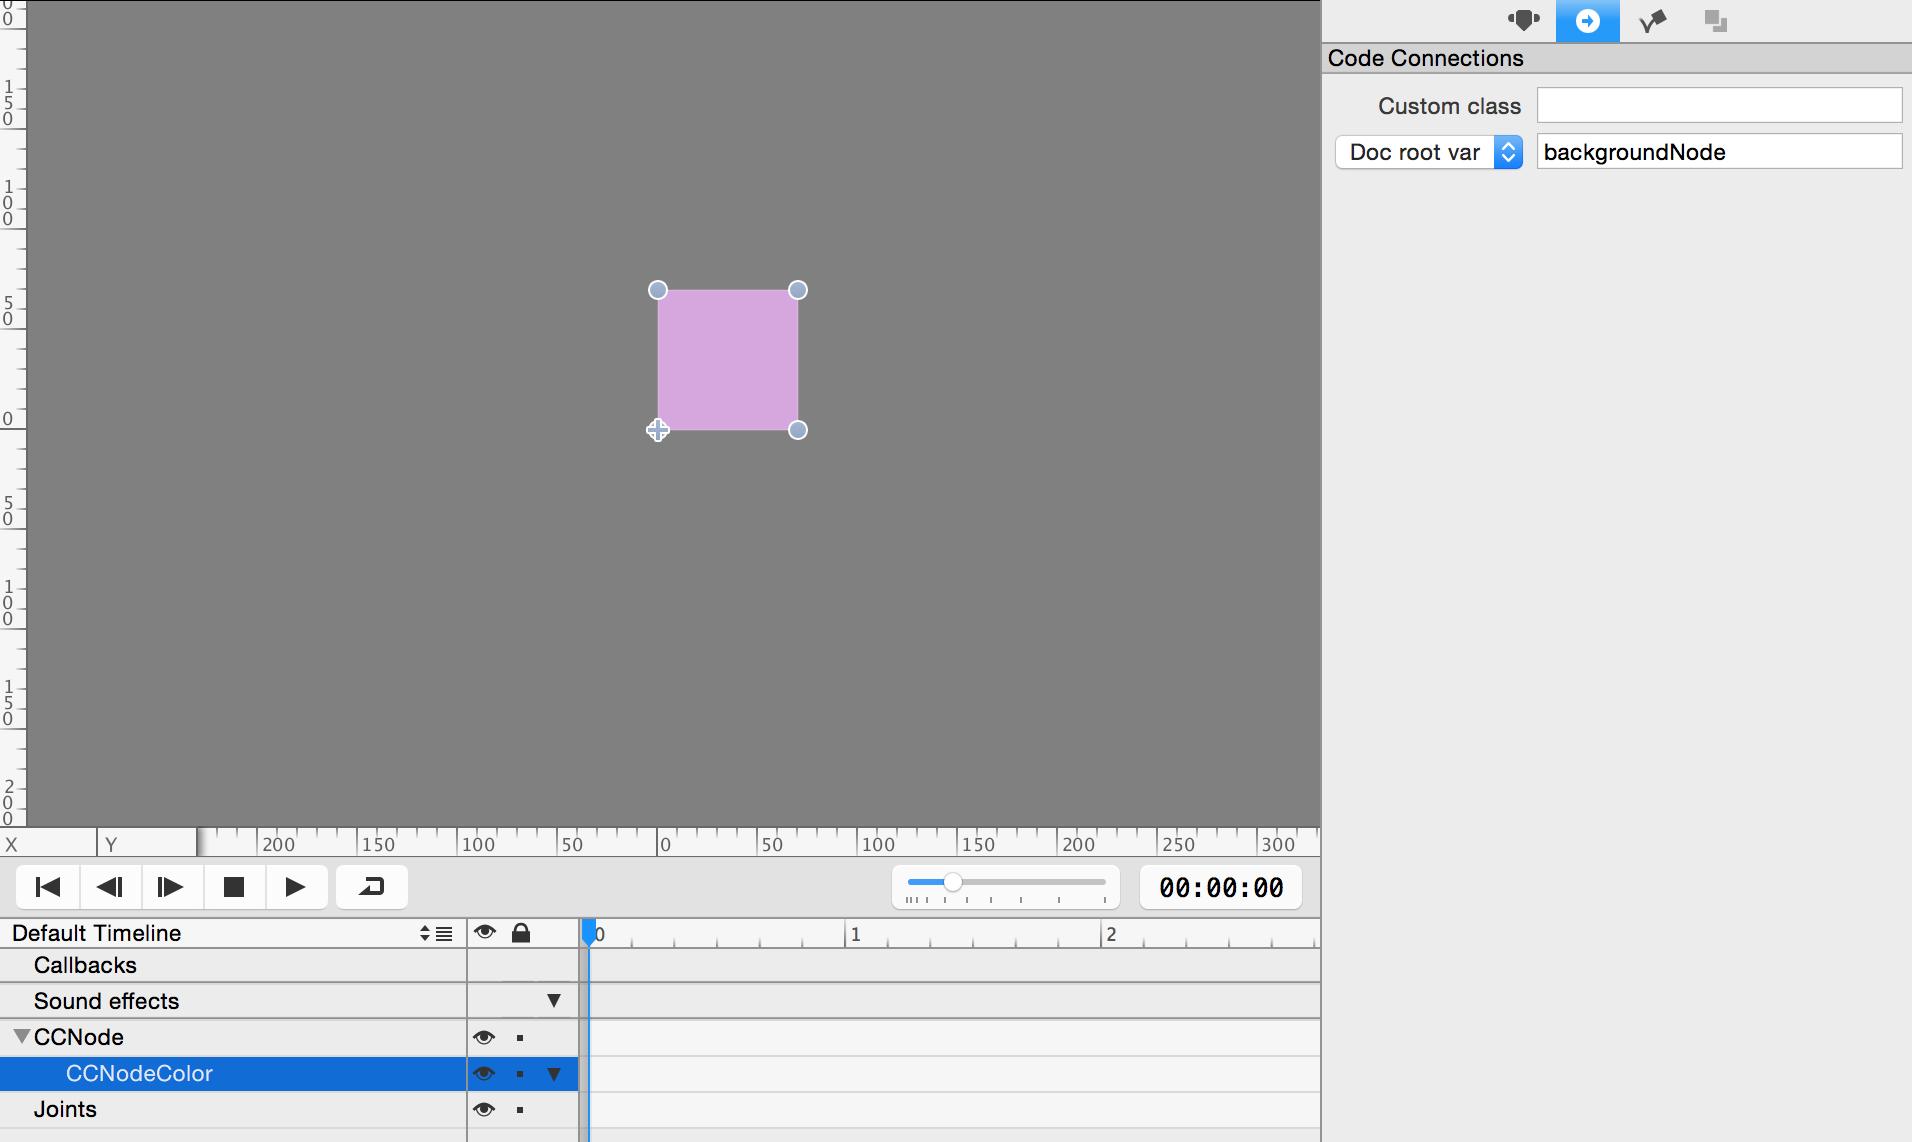 Adding background node